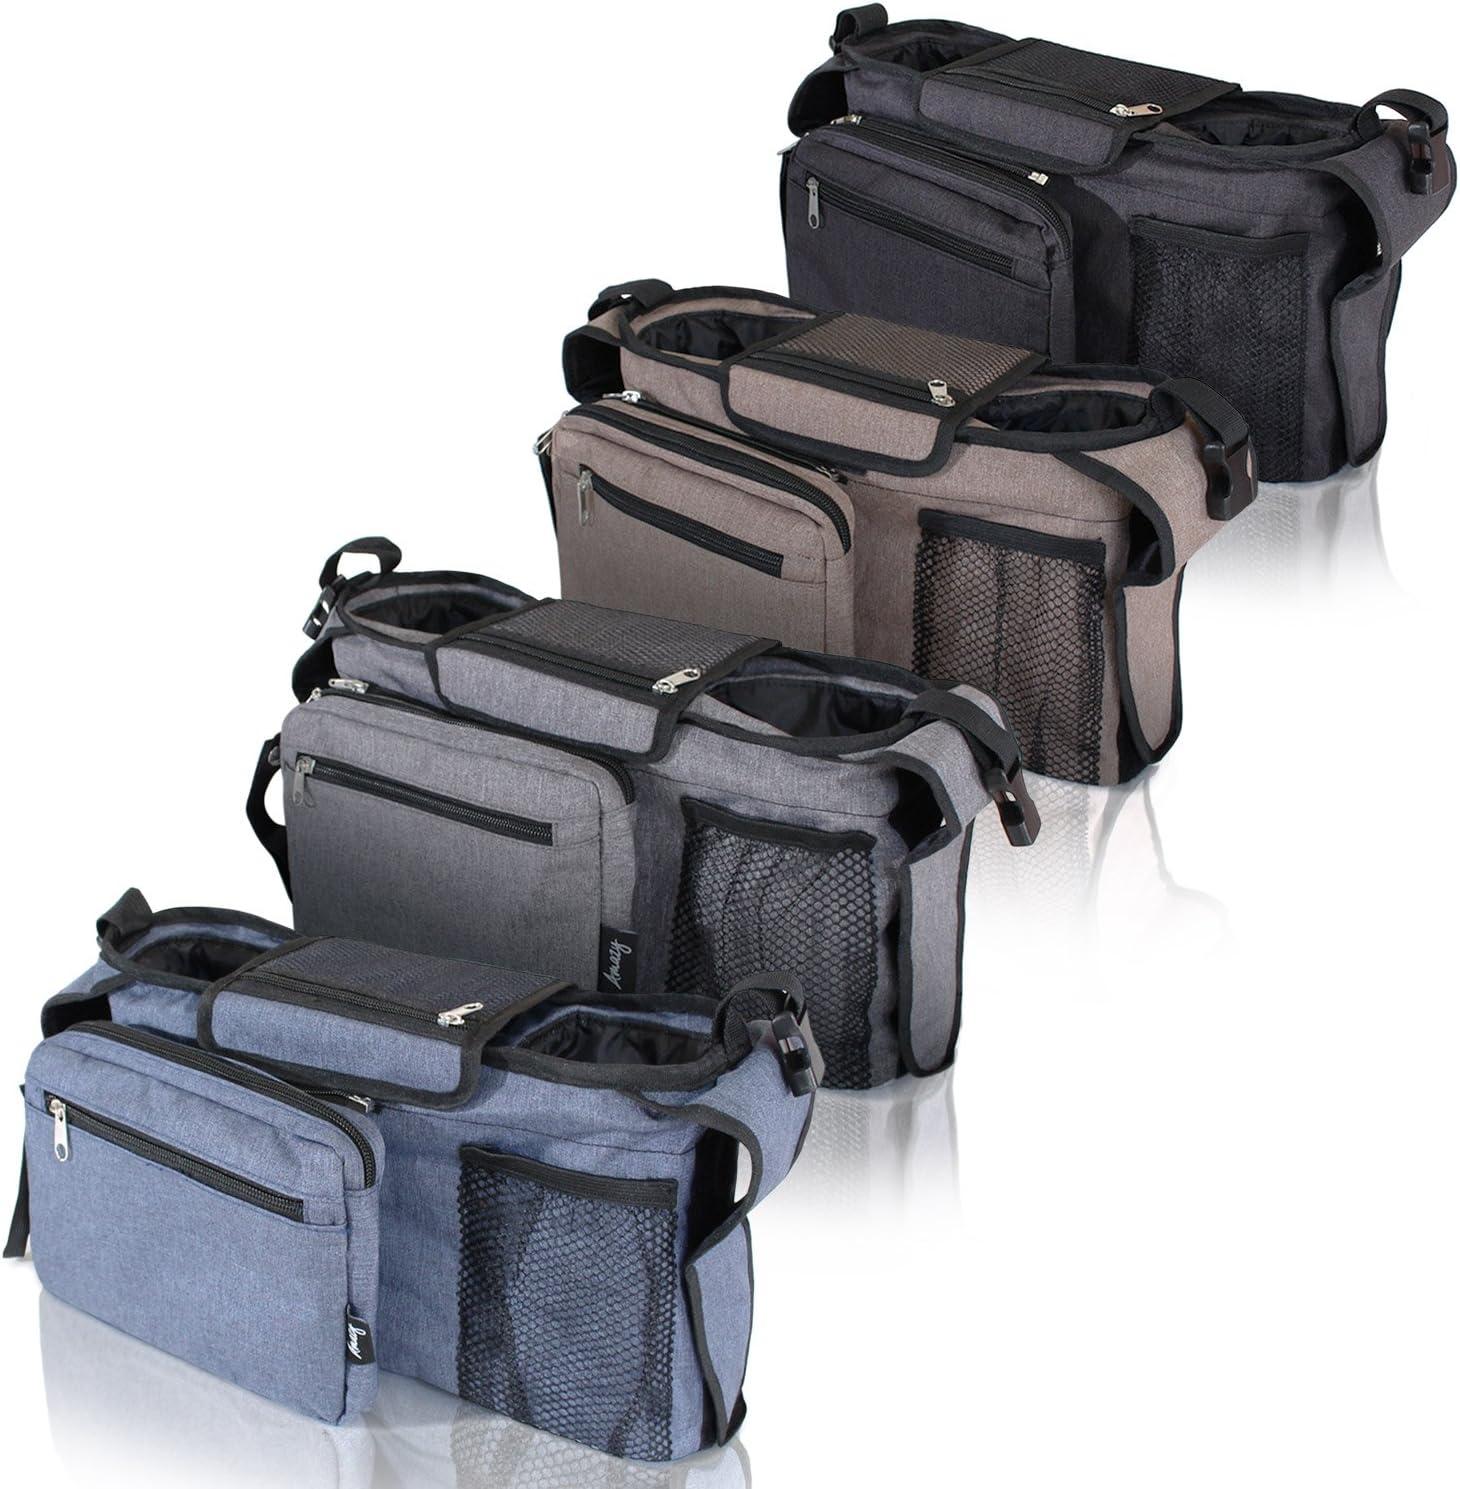 Amazy Sac b/éb/é Organisateur b/éb/é multifonction pour poussette avec espace de rangement et deux pochettes isolantes Beige